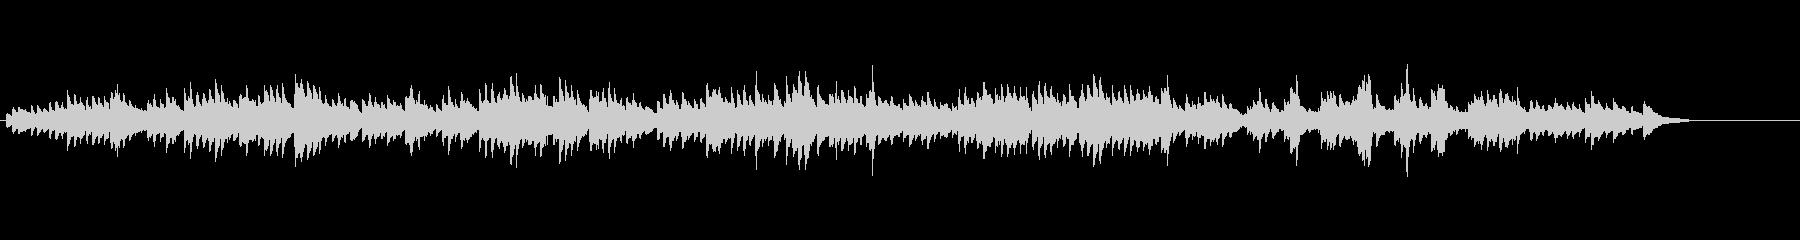 ゴンドラ漕ぎの歌(ブルグミュラー)の未再生の波形